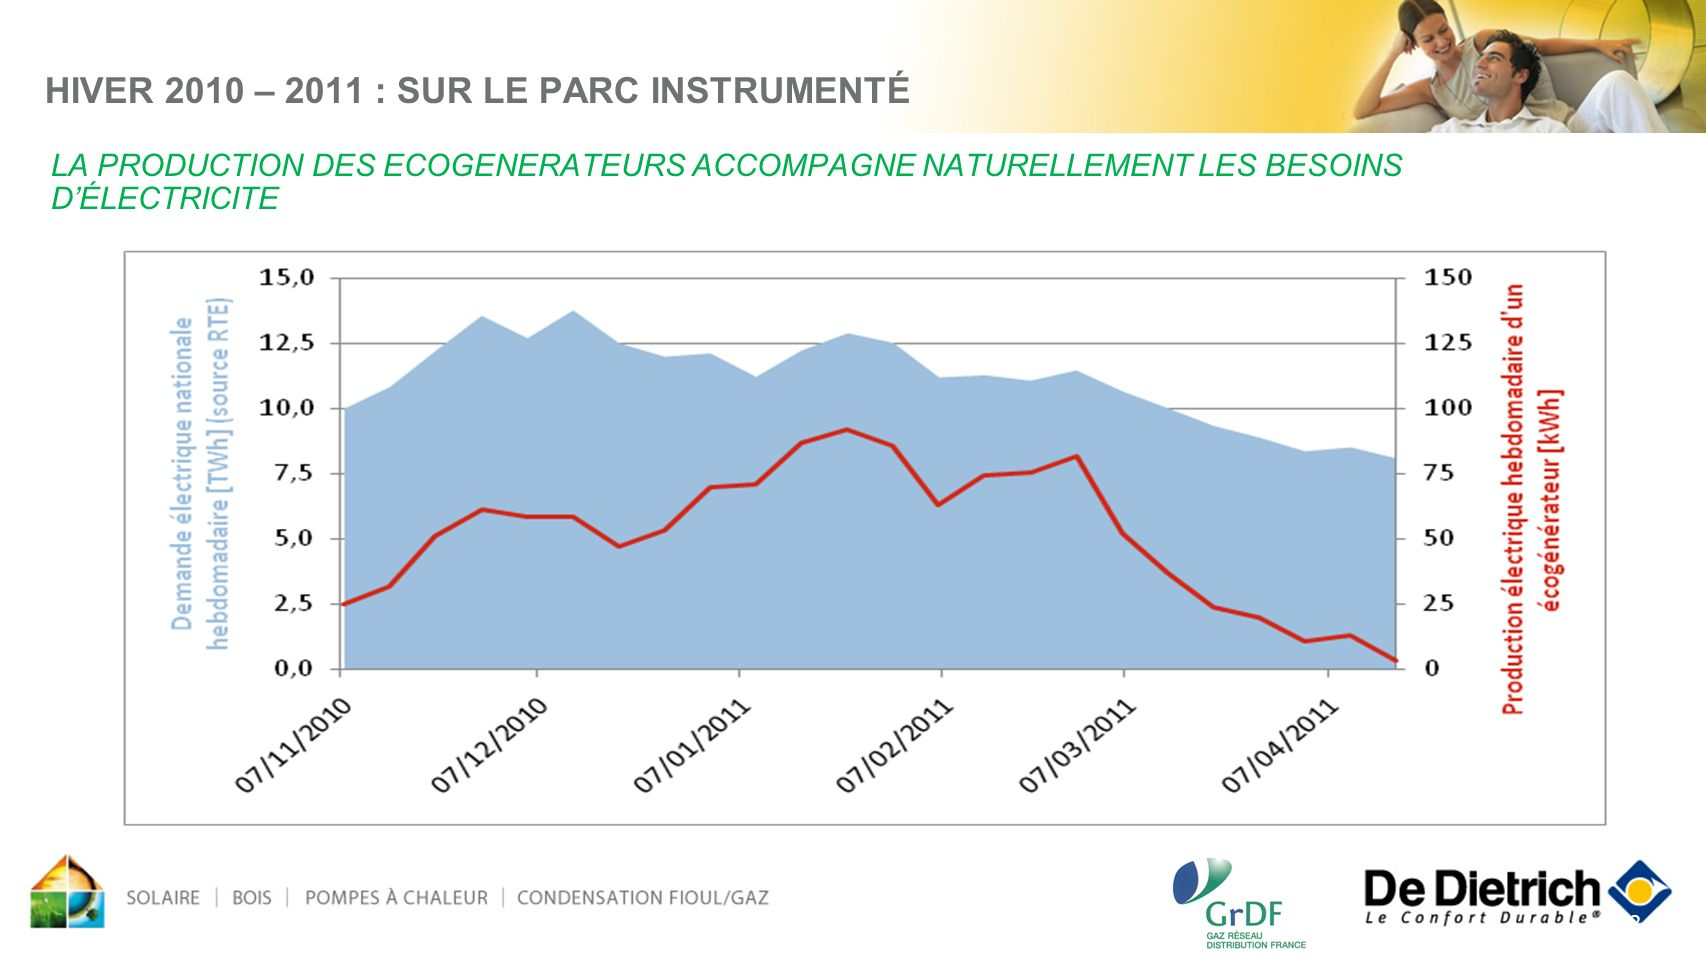 HIVER 2010 – 2011 : SUR LE PARC INSTRUMENTÉ LA PRODUCTION DES ECOGENERATEURS ACCOMPAGNE NATURELLEMENT LES BESOINS D'ÉLECTRICITE